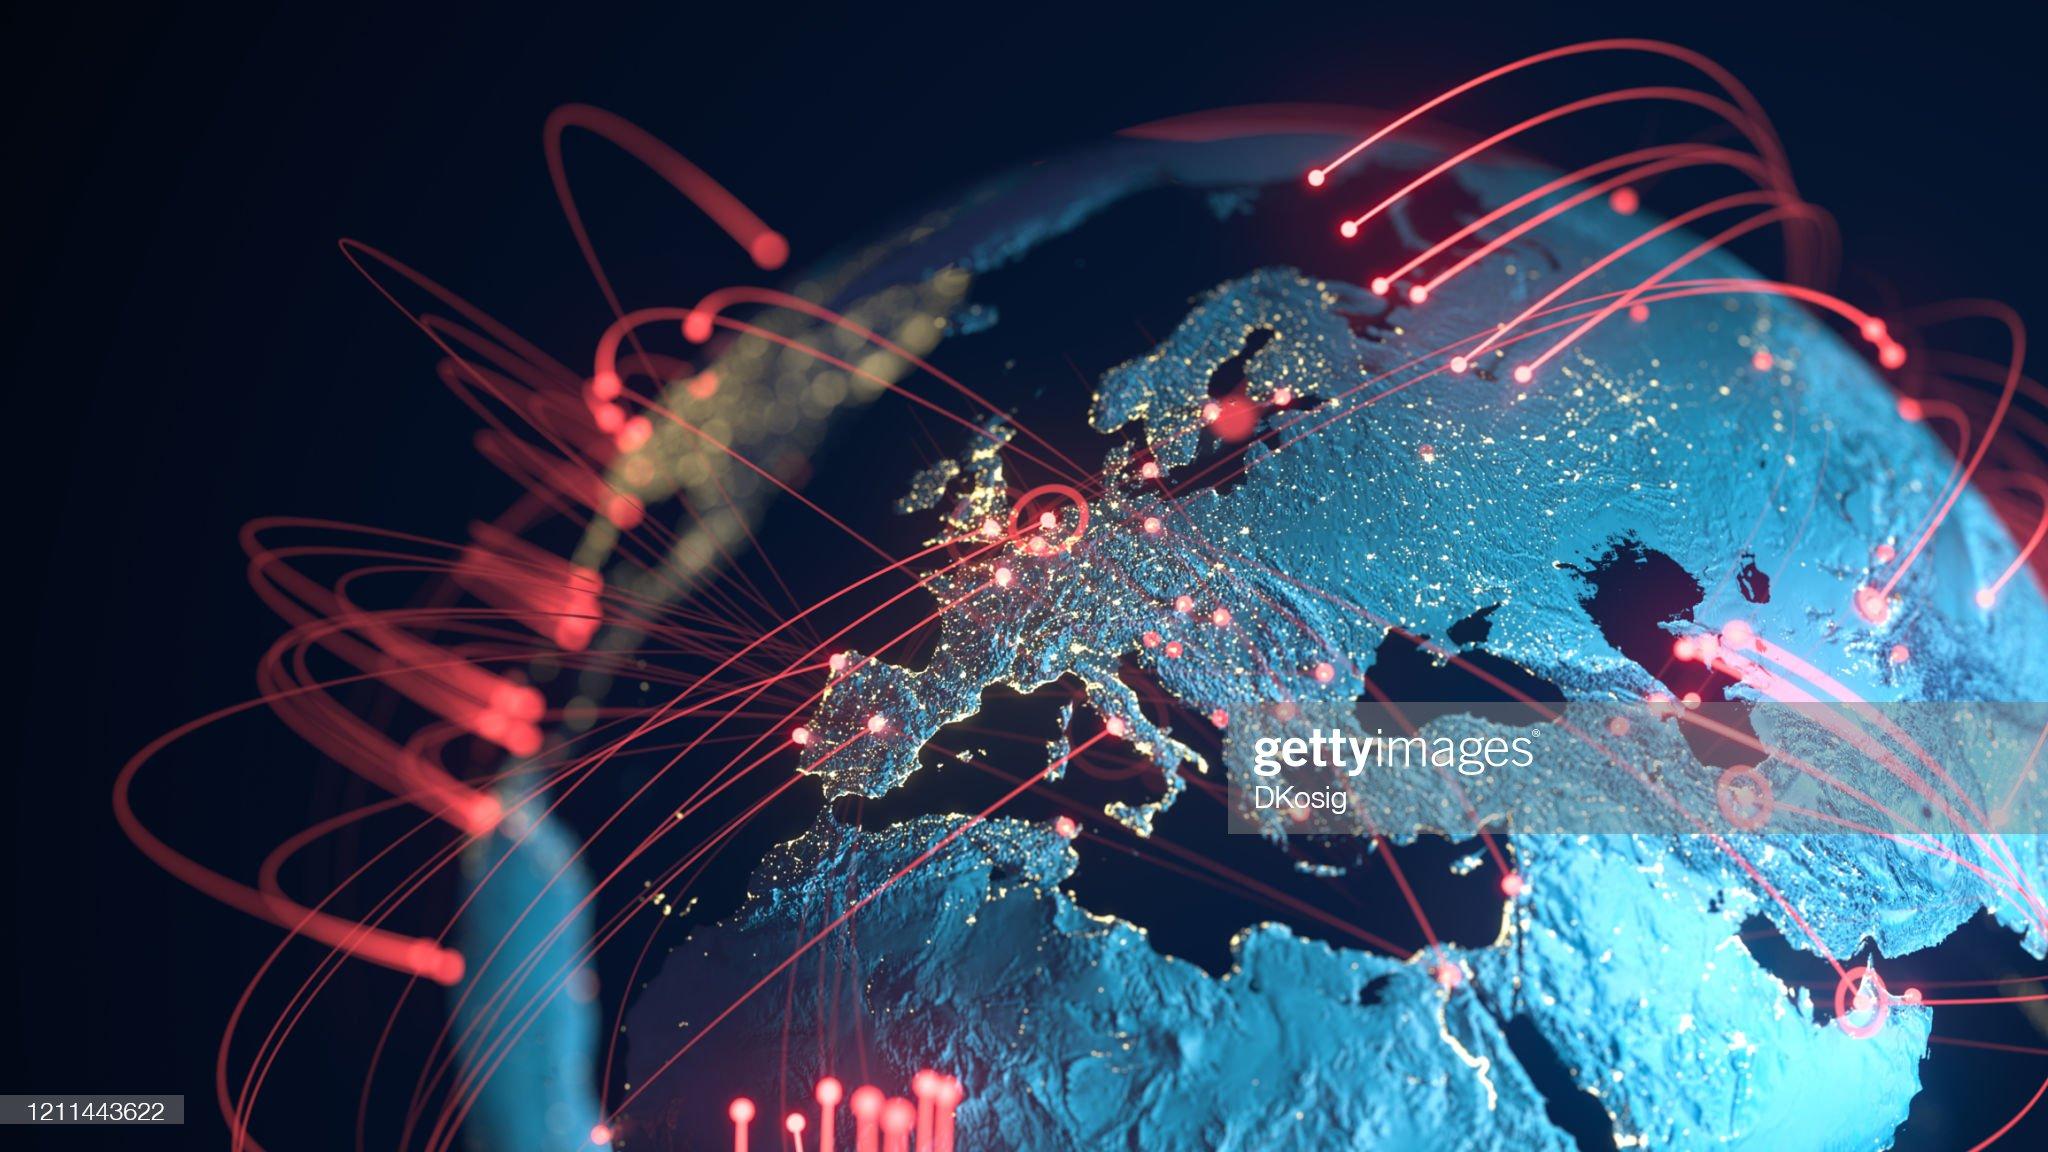 Global Connection Lines - Échange de données, Pandémie, Virus Informatique : Photo